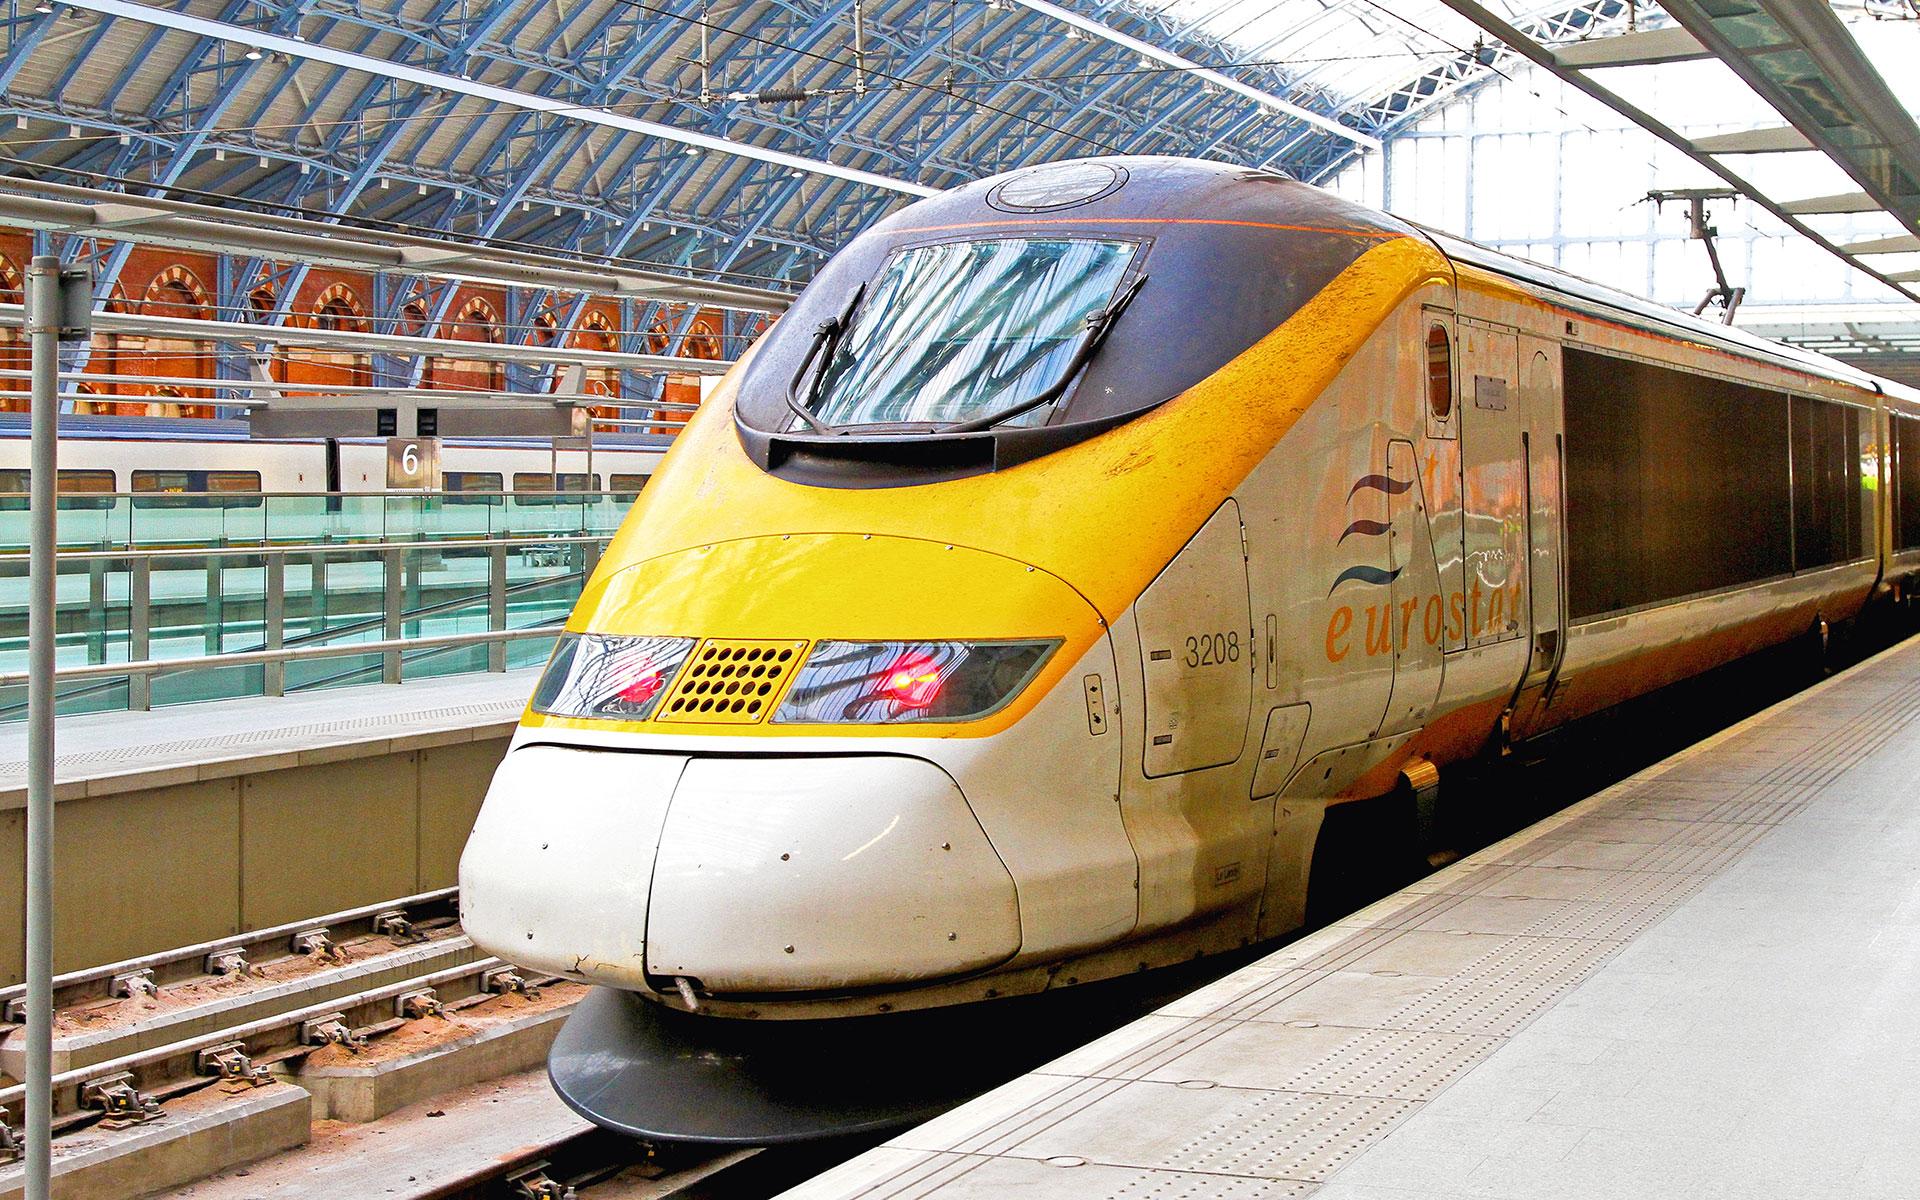 Train service photo